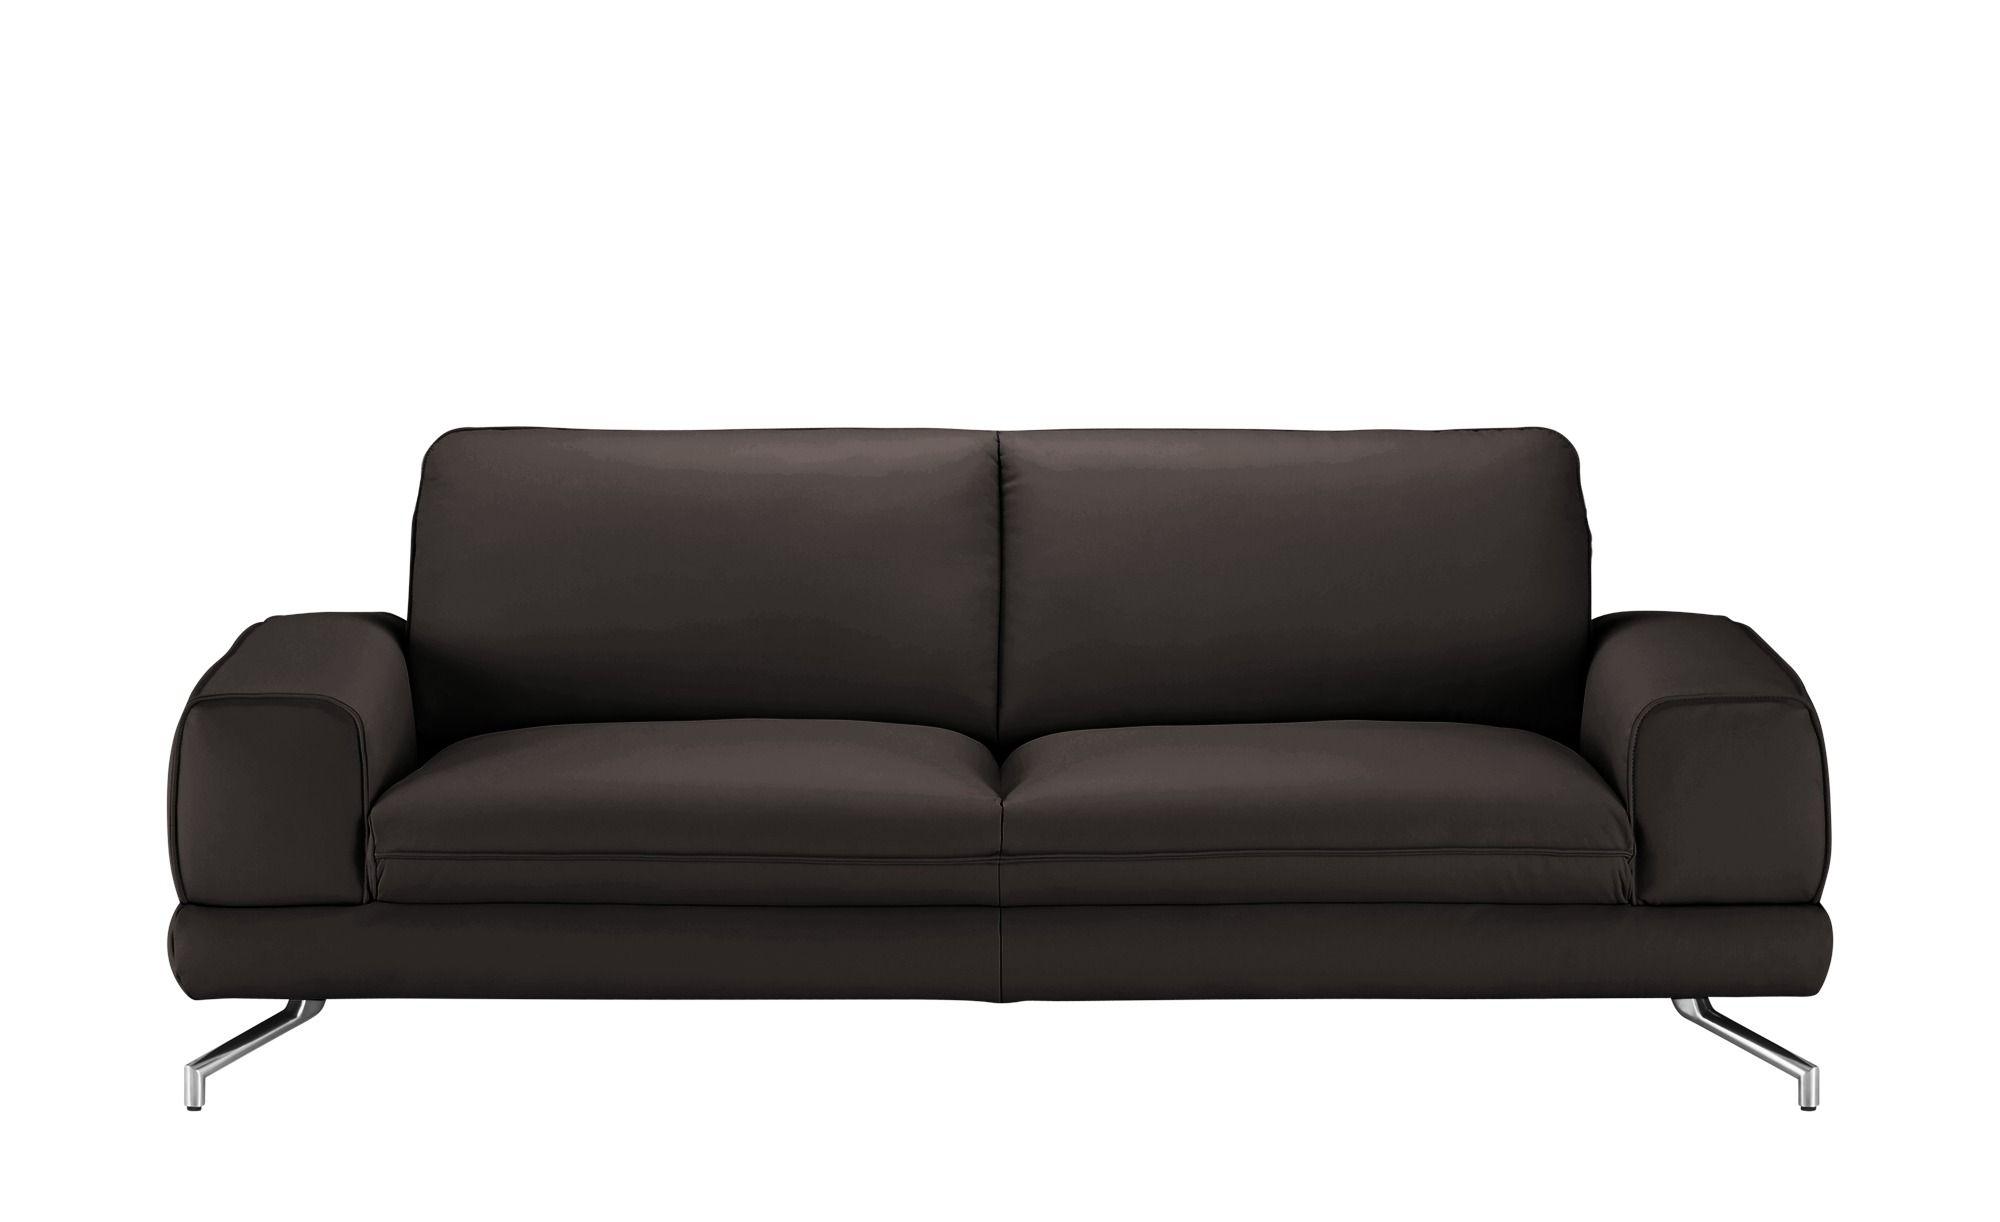 Kunstleder Couch Gunstig Ledersofa Neu Beziehen Munchen Moderne Wohnzimmer Couch Leather Sofa Sale Toronto S Couch Gunstig Kunstleder Couch Sofa Design